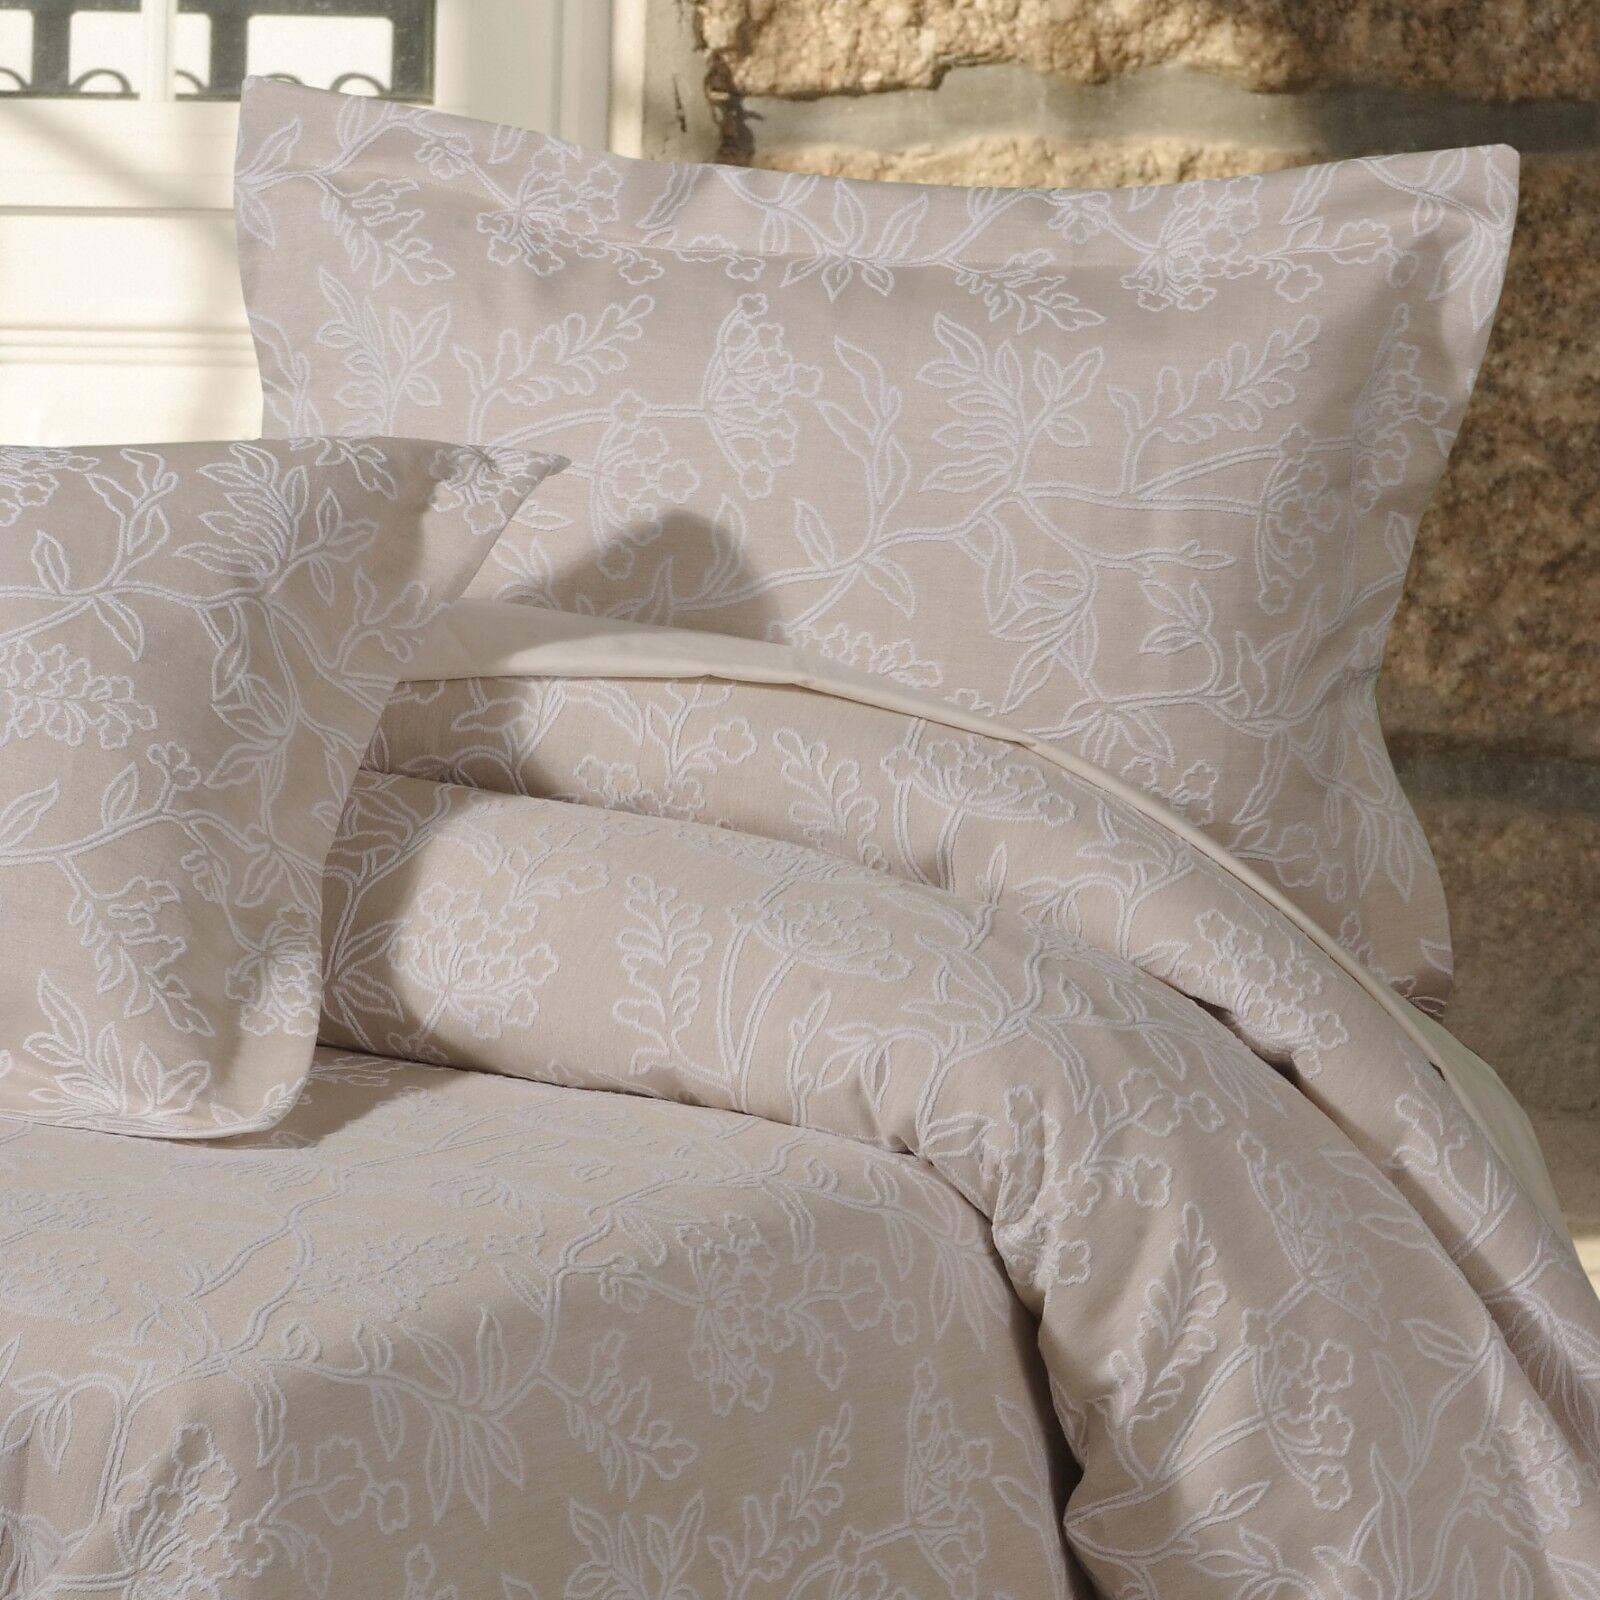 Elegant Luxury Floral Woven Jacquard 100% Pure Cotton Bed Linen Duvet Cover Set